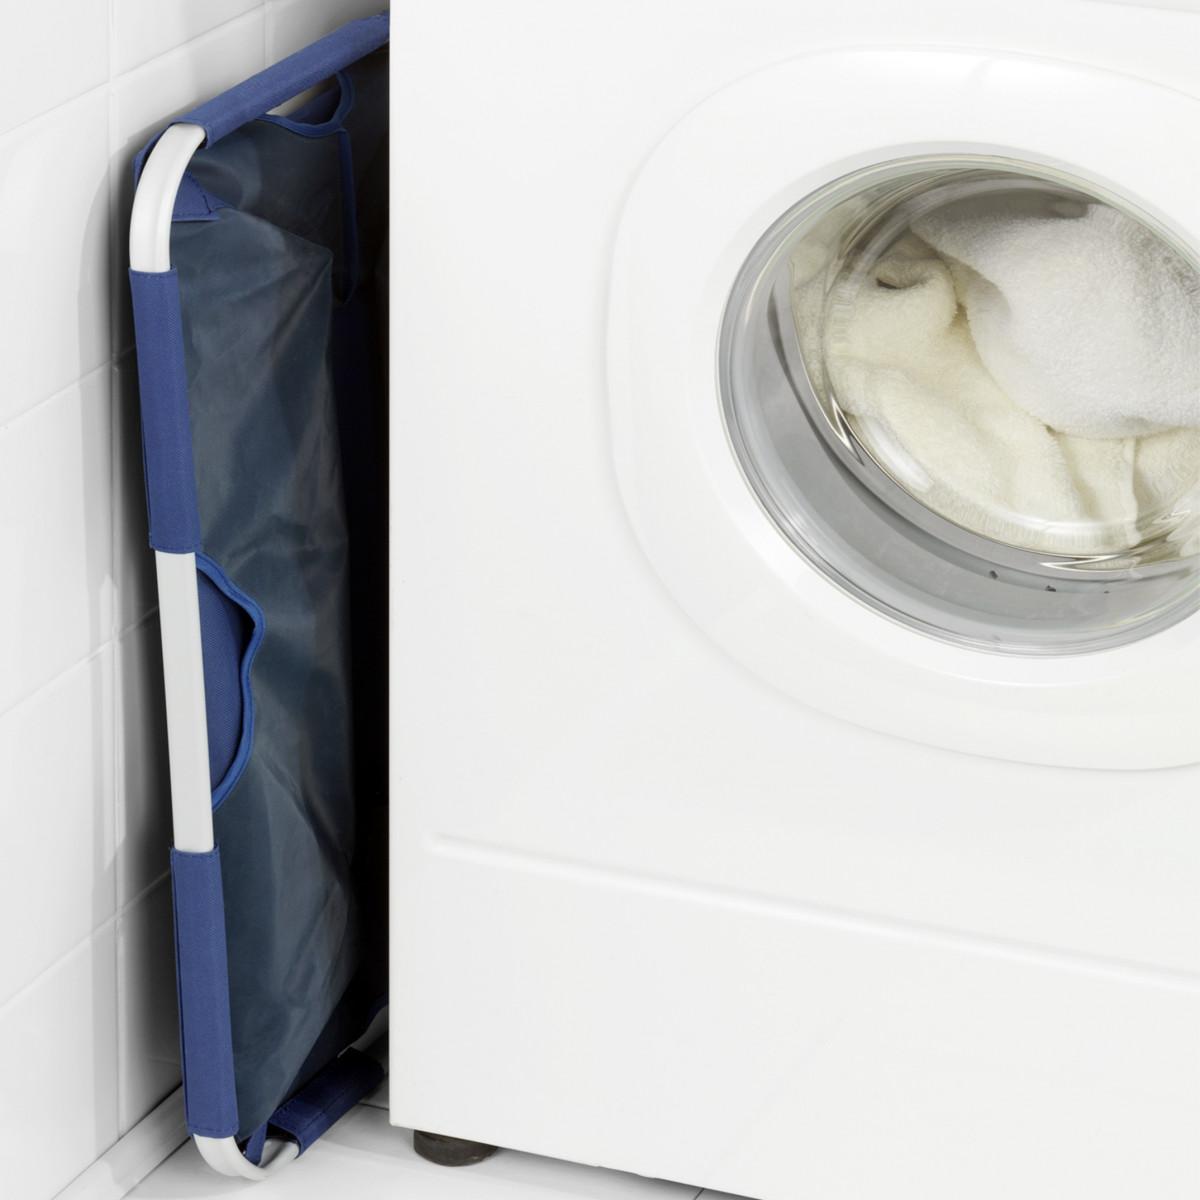 Panier pliable tissu bleu rangement linge - Panier a linge rectangulaire ...